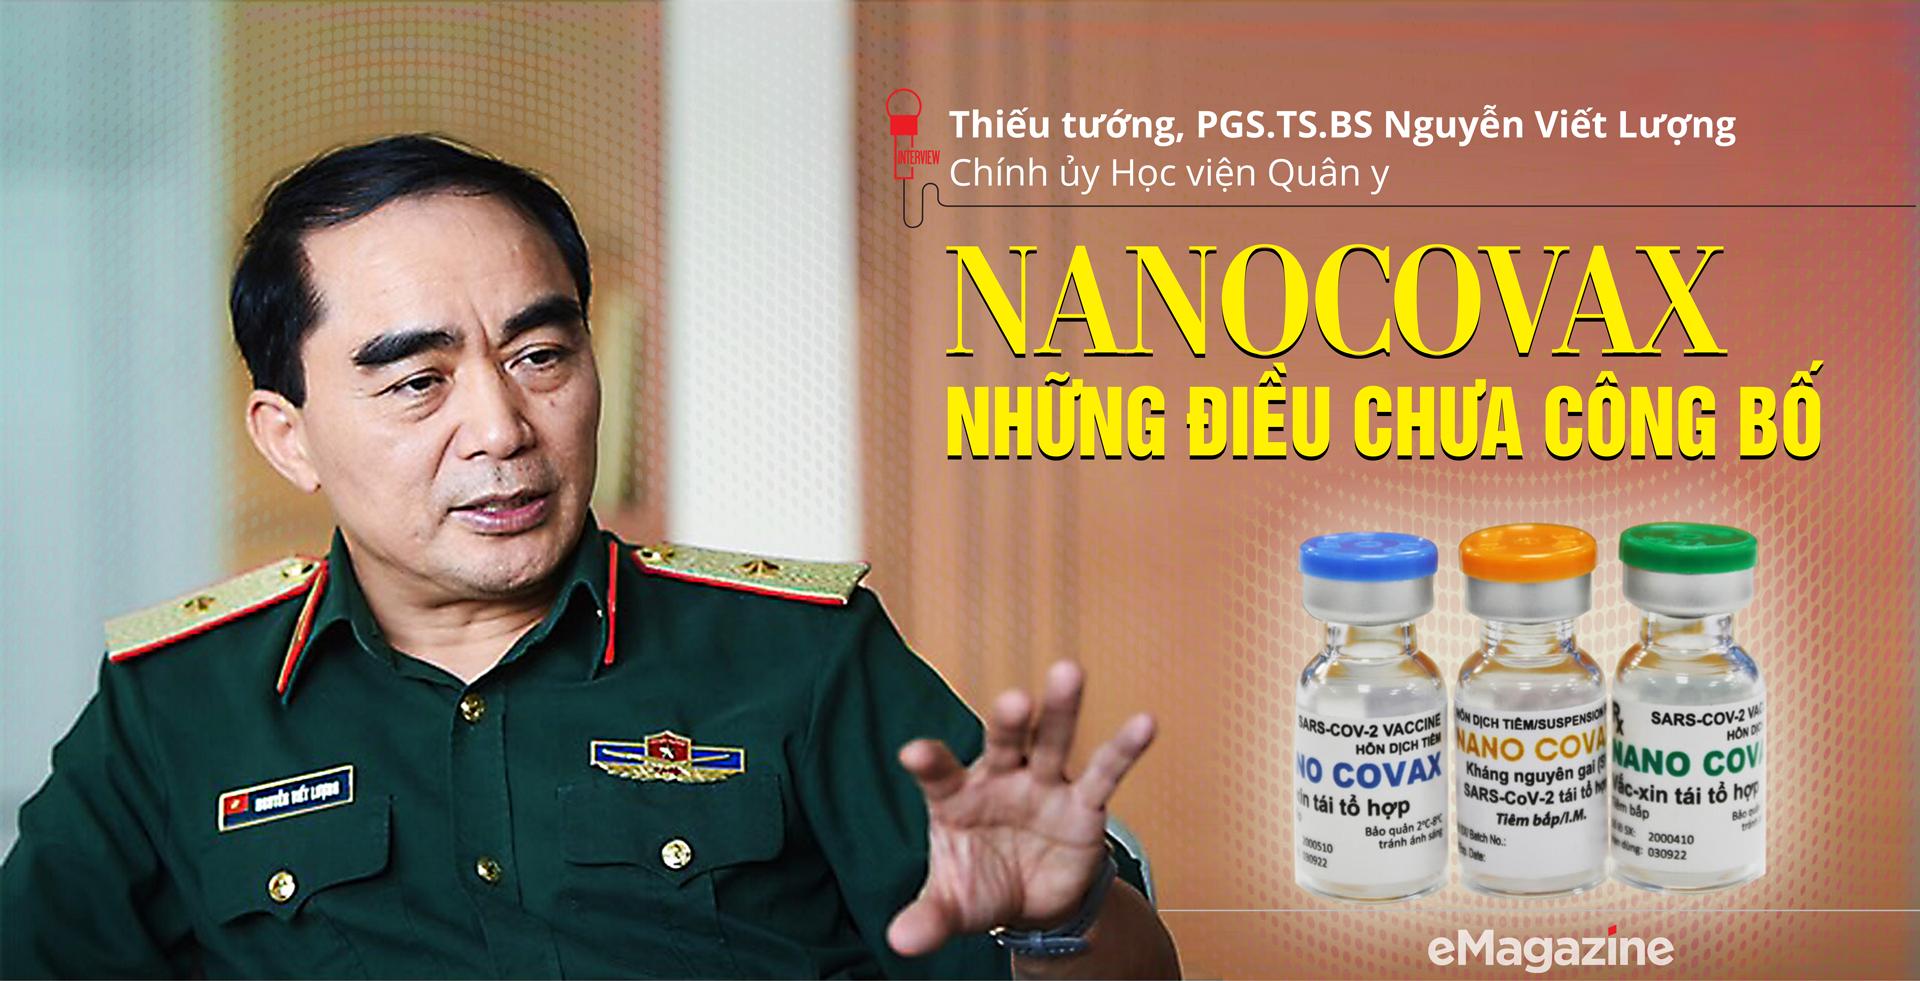 Nanocovax: Những điều chưa công bố - Ảnh 1